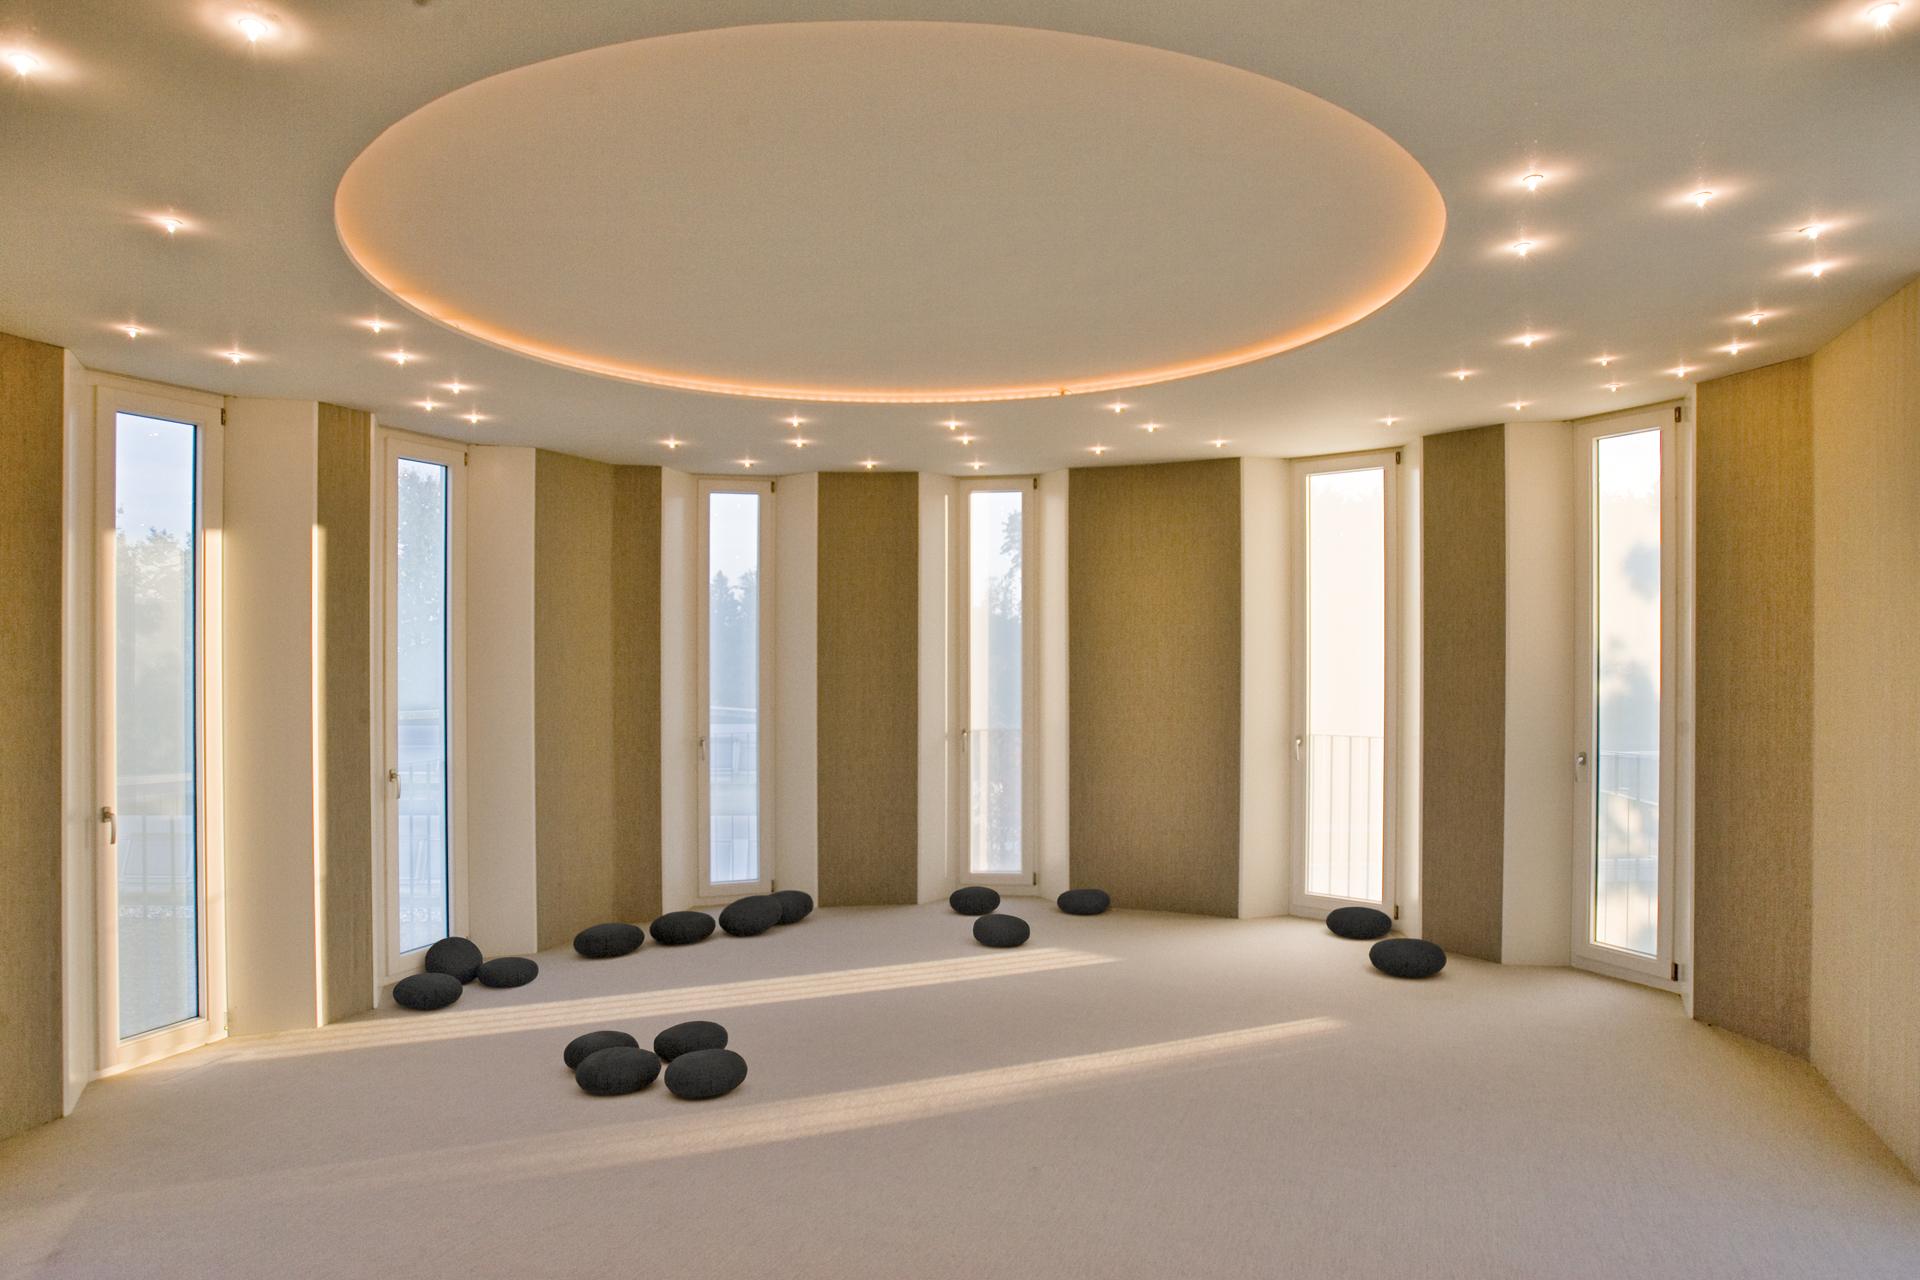 beckert und soanca pollak lichtgestaltung und. Black Bedroom Furniture Sets. Home Design Ideas